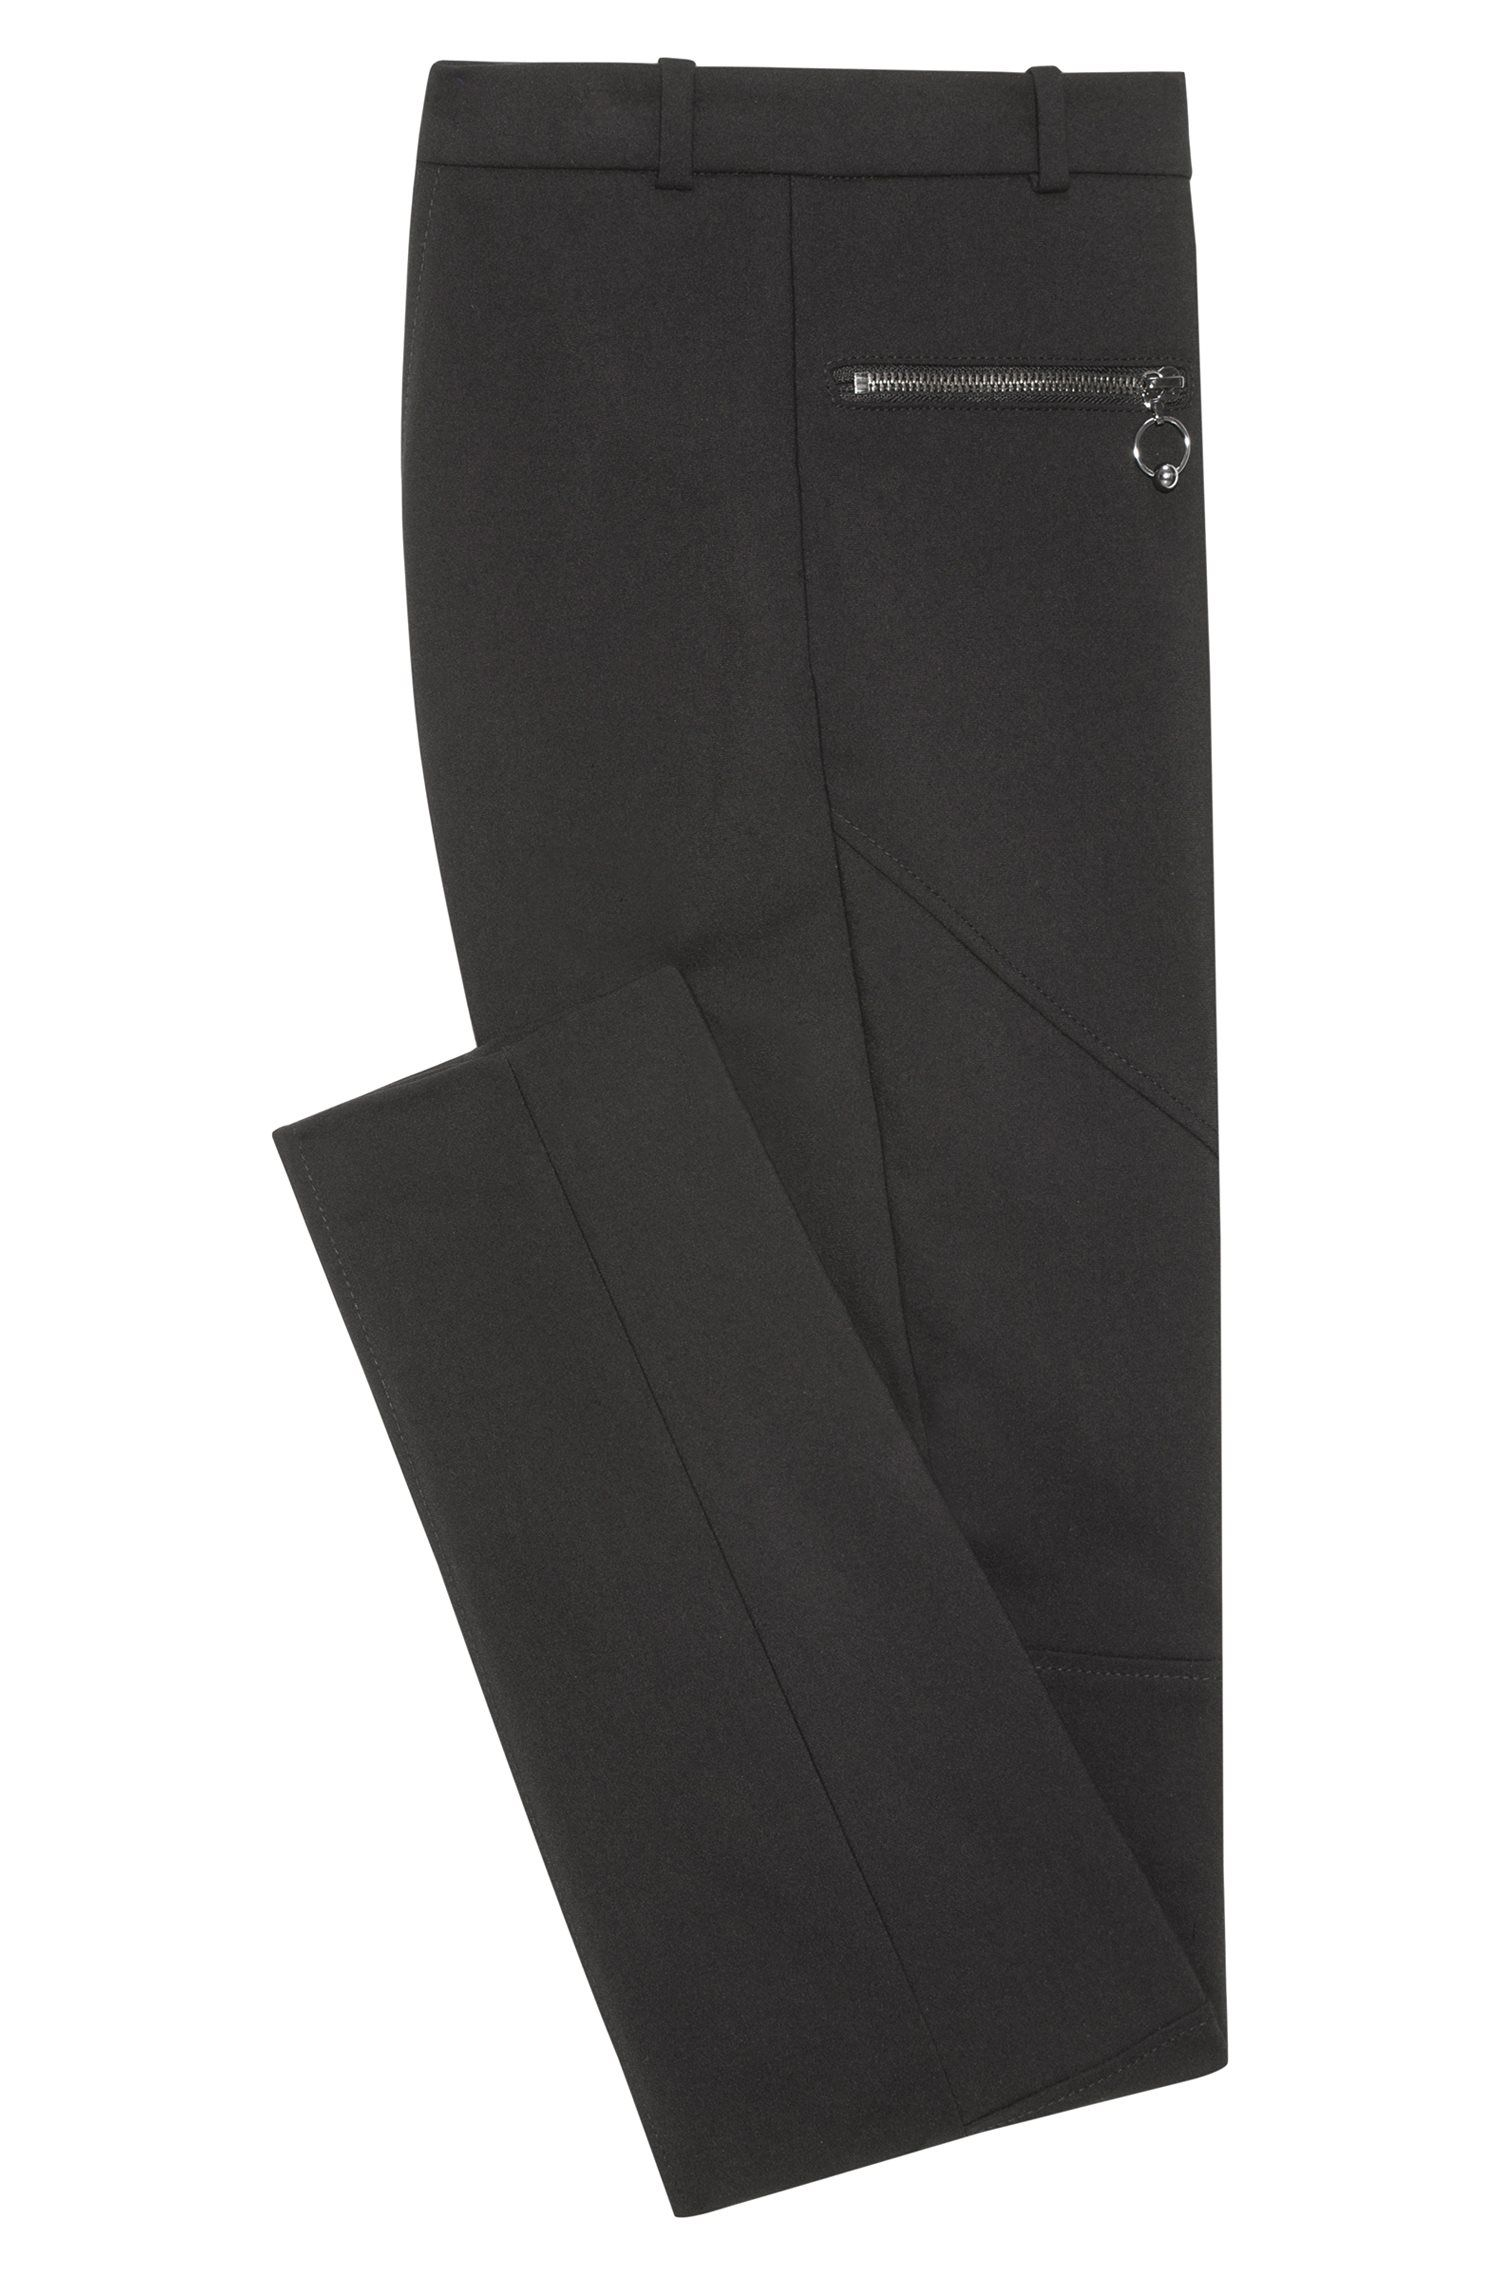 Skinny-Fit Hose aus elastischem Baumwoll-Mix mit Naht-Details in Biker-Optik